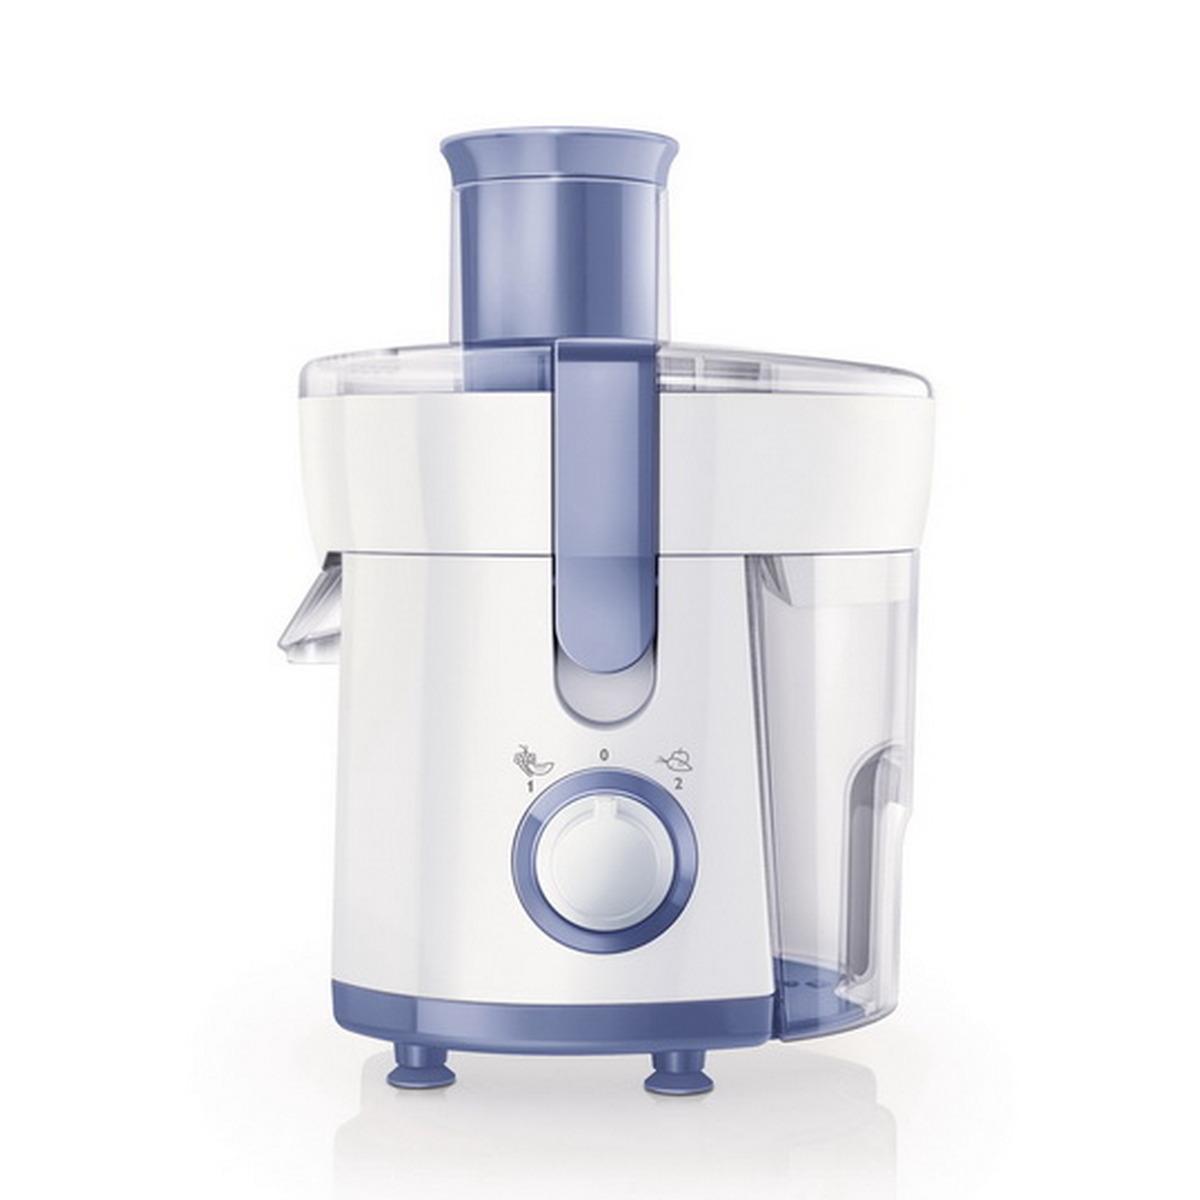 เครื่องสกัดน้ำผลไม้ (300 วัตต์, 0.5 ลิตร) รุ่น HR1811/70